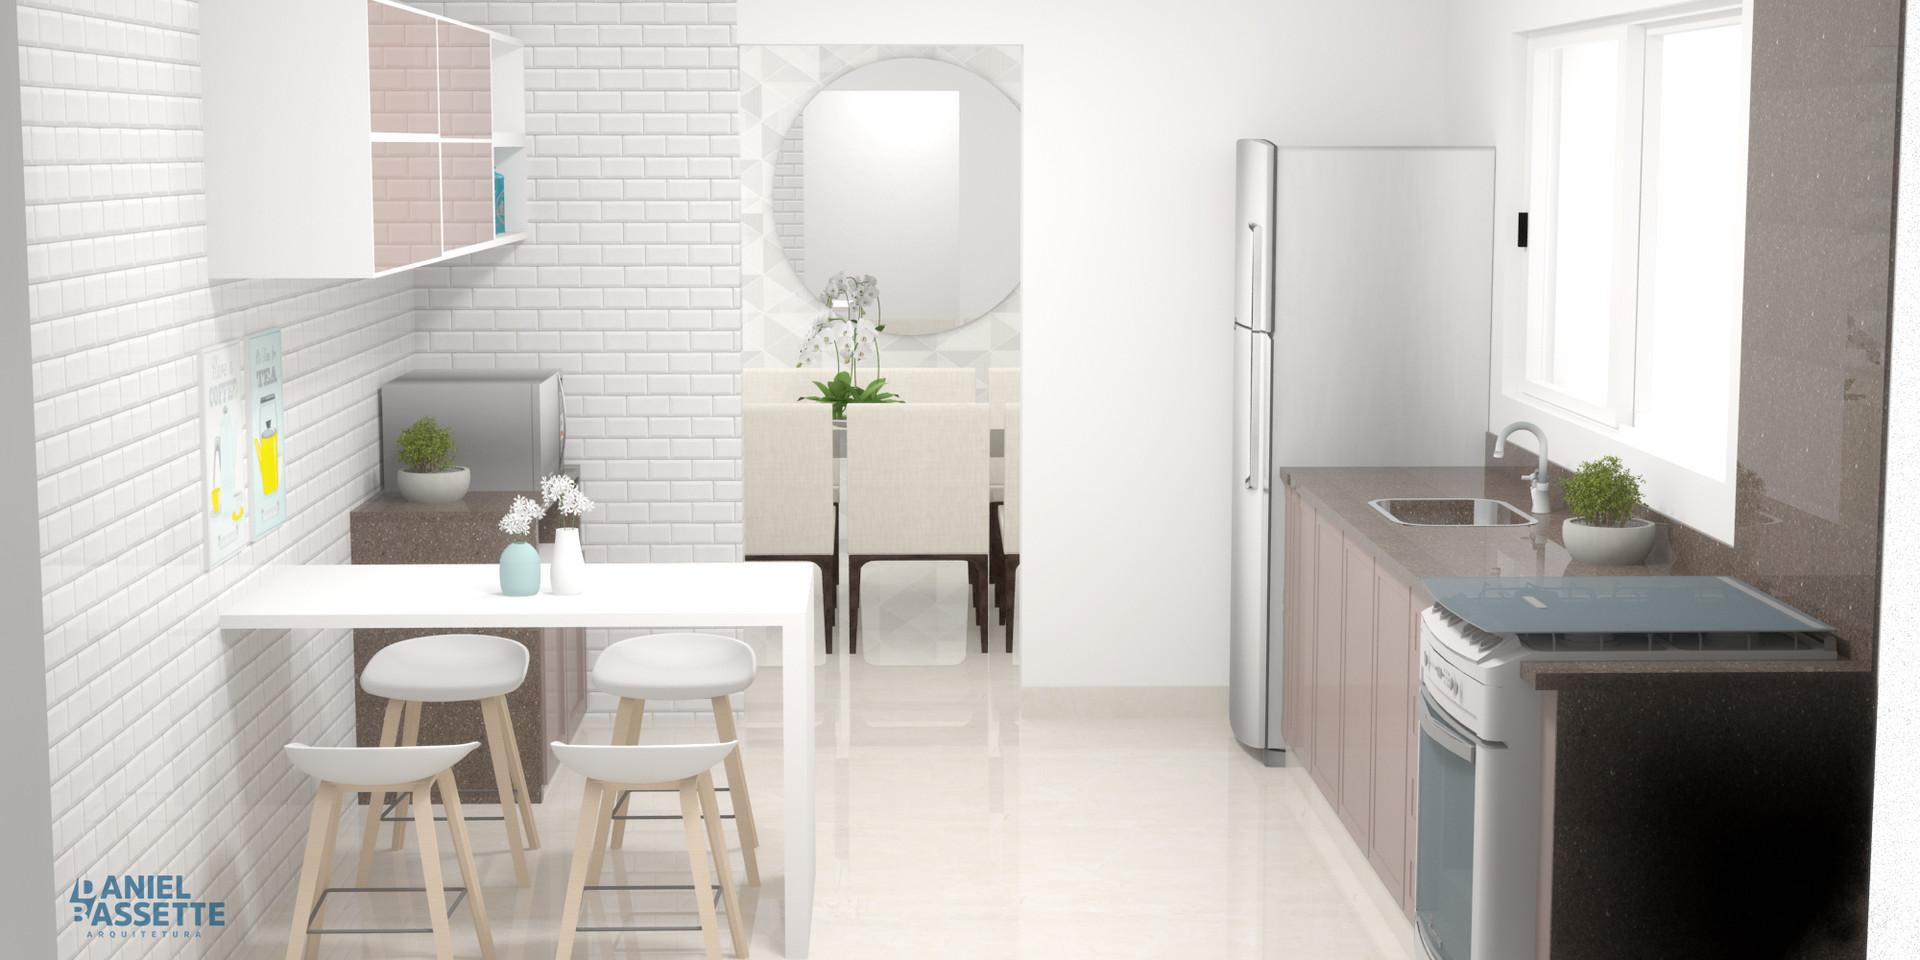 Cozinha 02.jpg